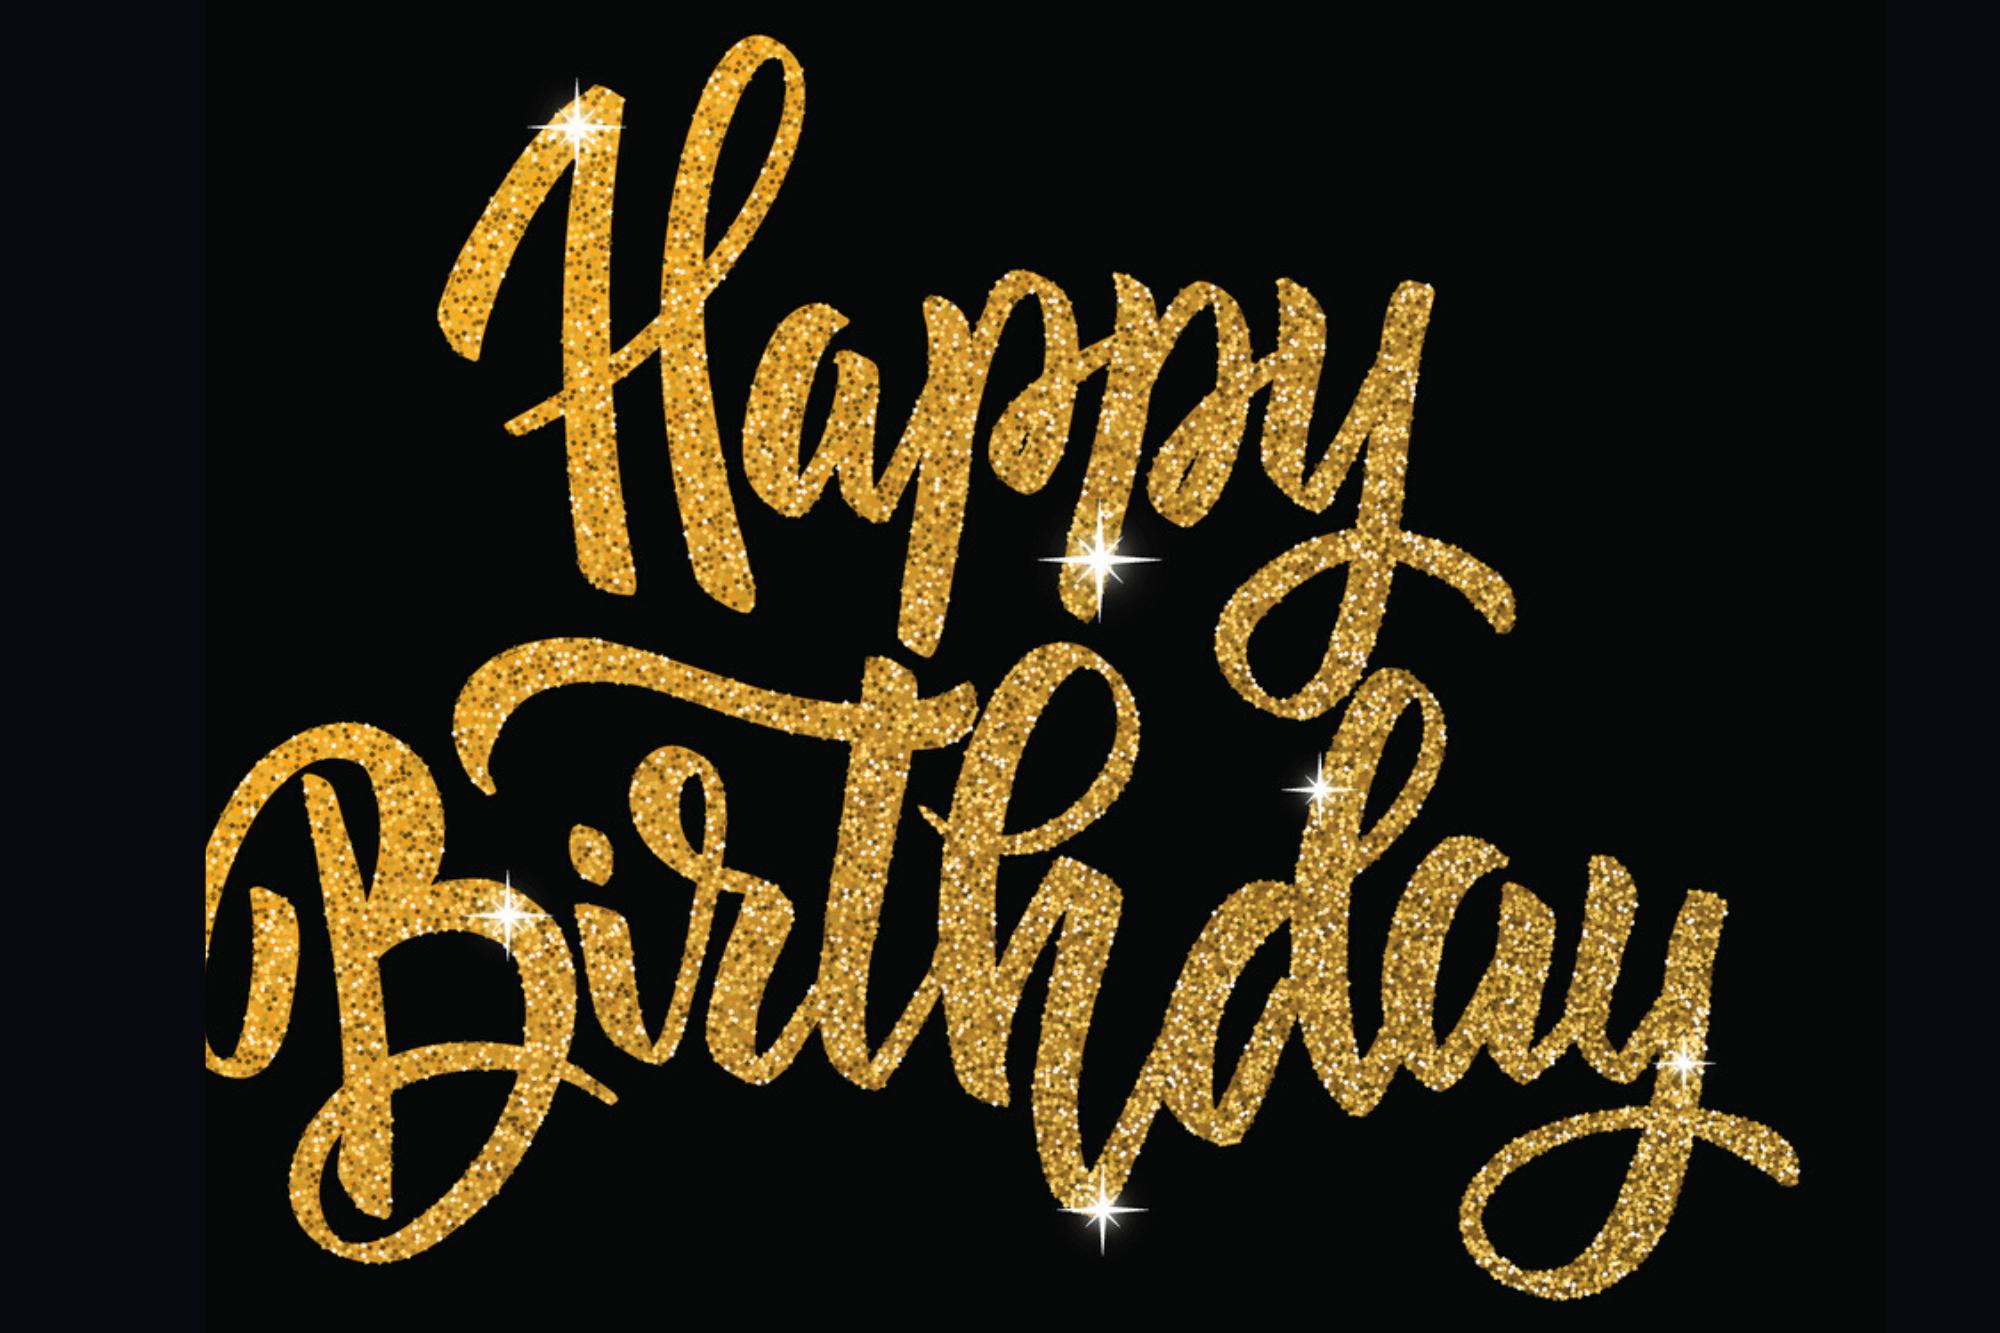 Happy Birthday Gold-Black